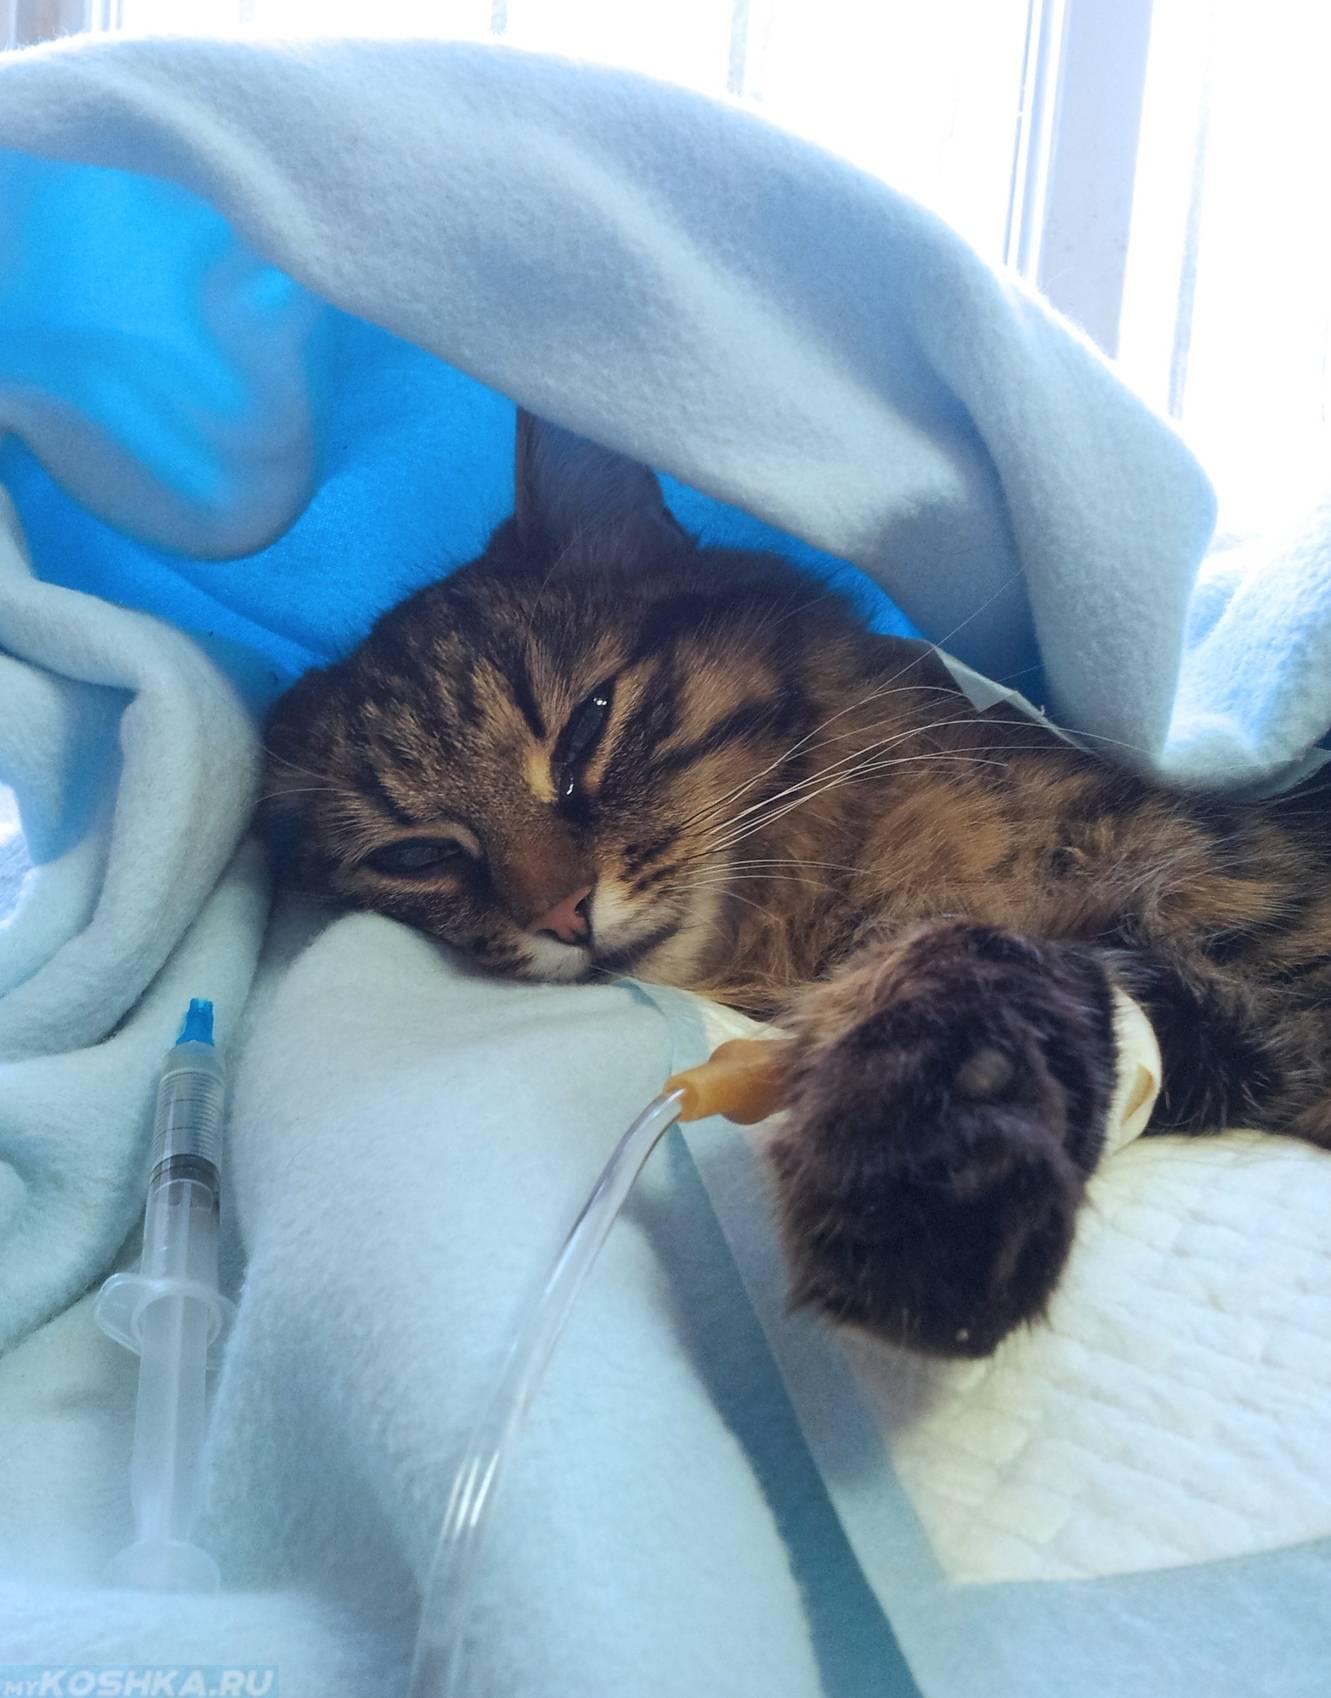 Что делать если кошку рвет с кровью | частая рвота у кошки и ее опасность